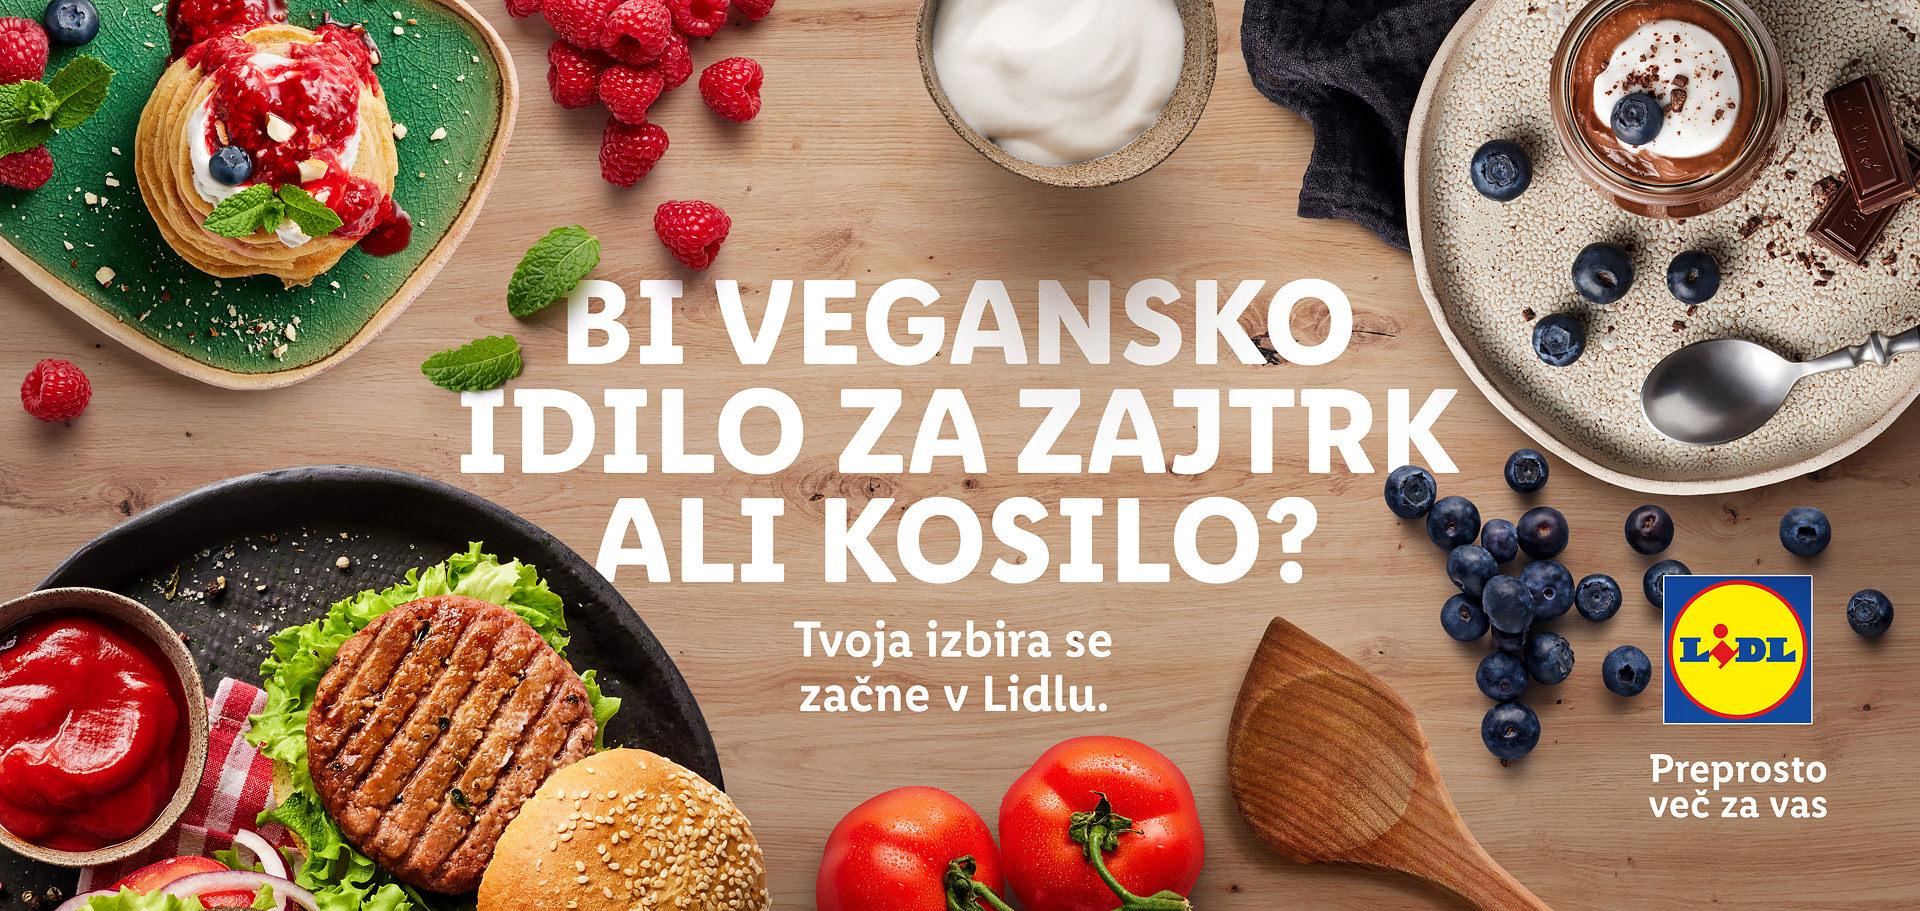 YY_Lidl_Izbira_BB_5x2_Vegansko_01-copy